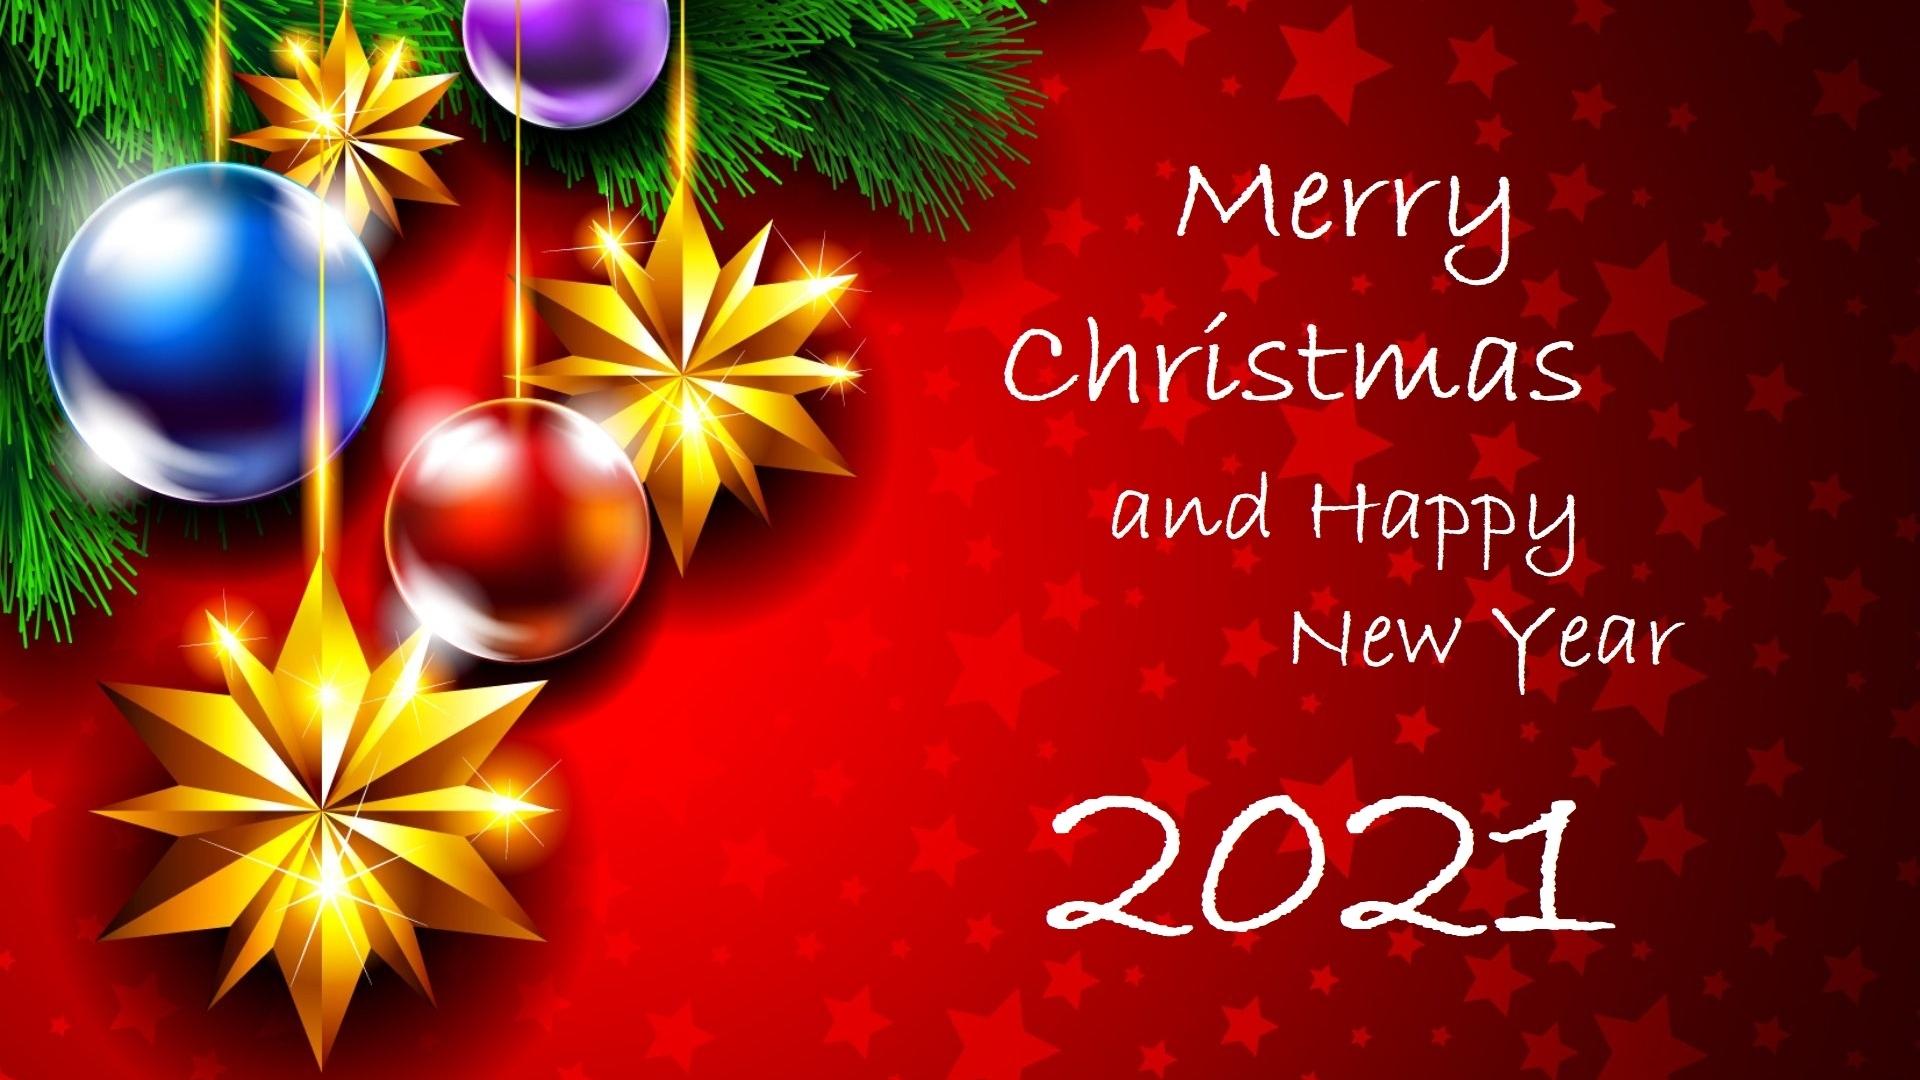 2021 Christmas 1920 X 1080